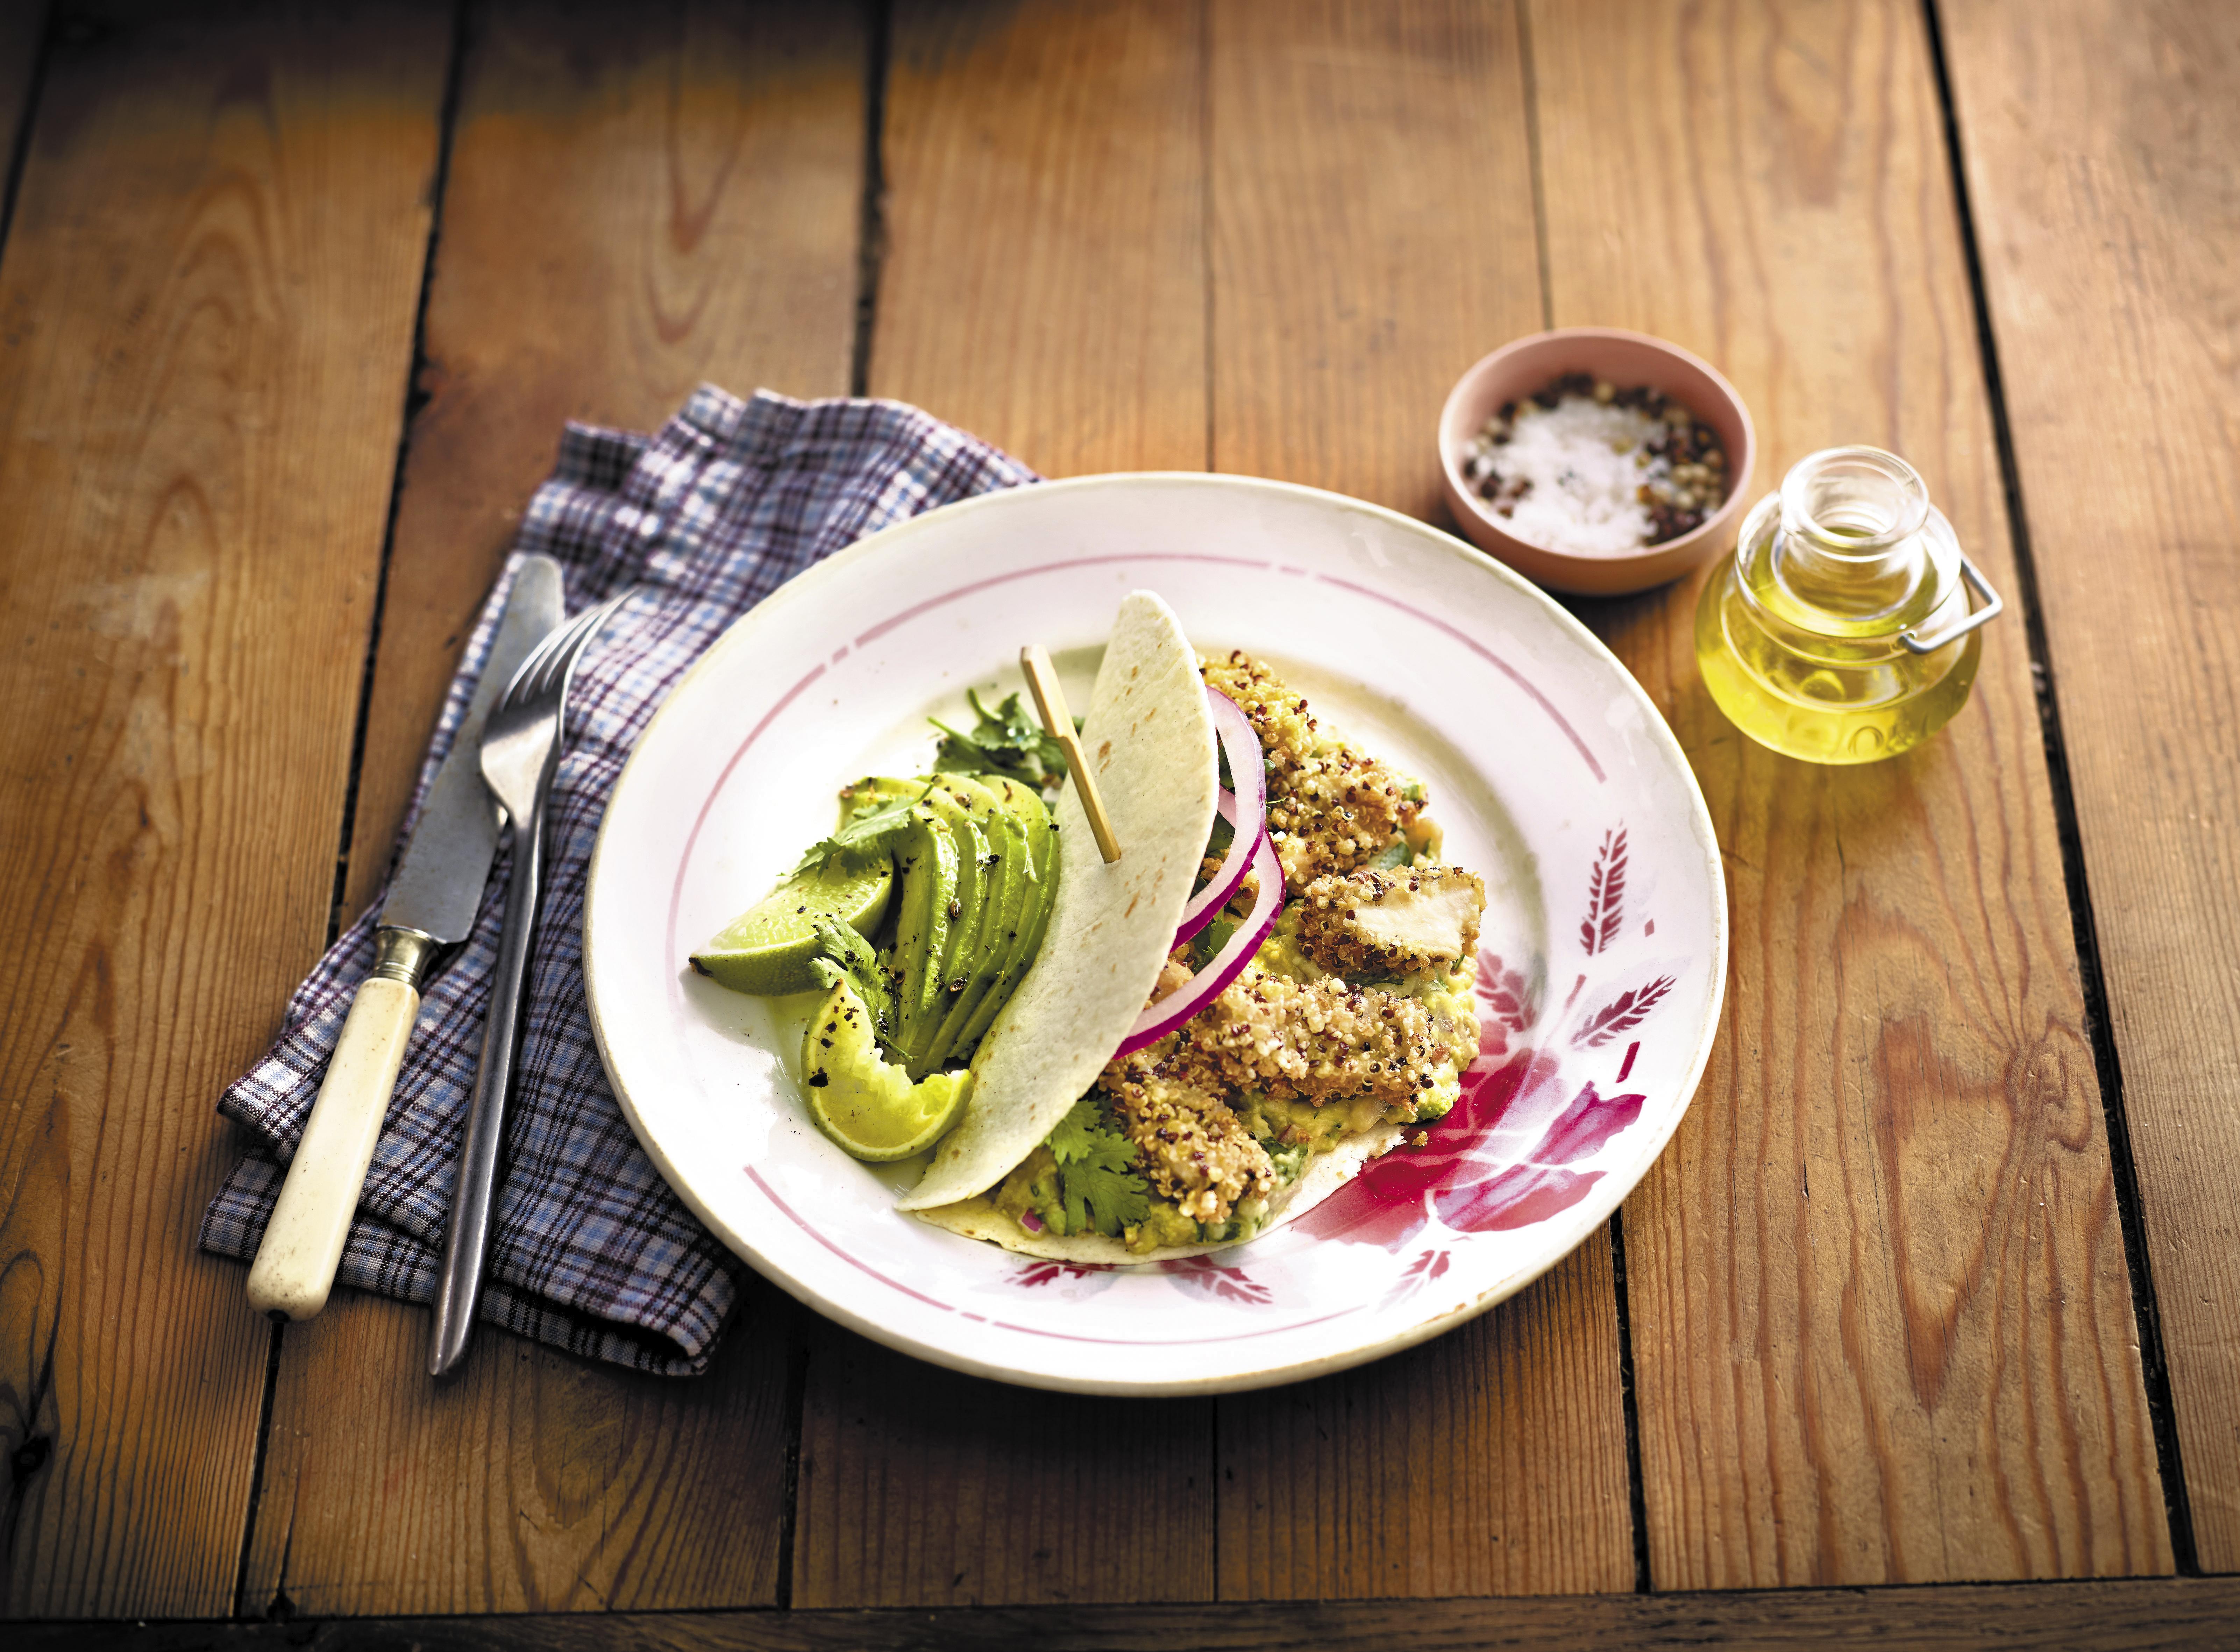 Panse de bœuf à la mexicaine panée au quinoa grillé